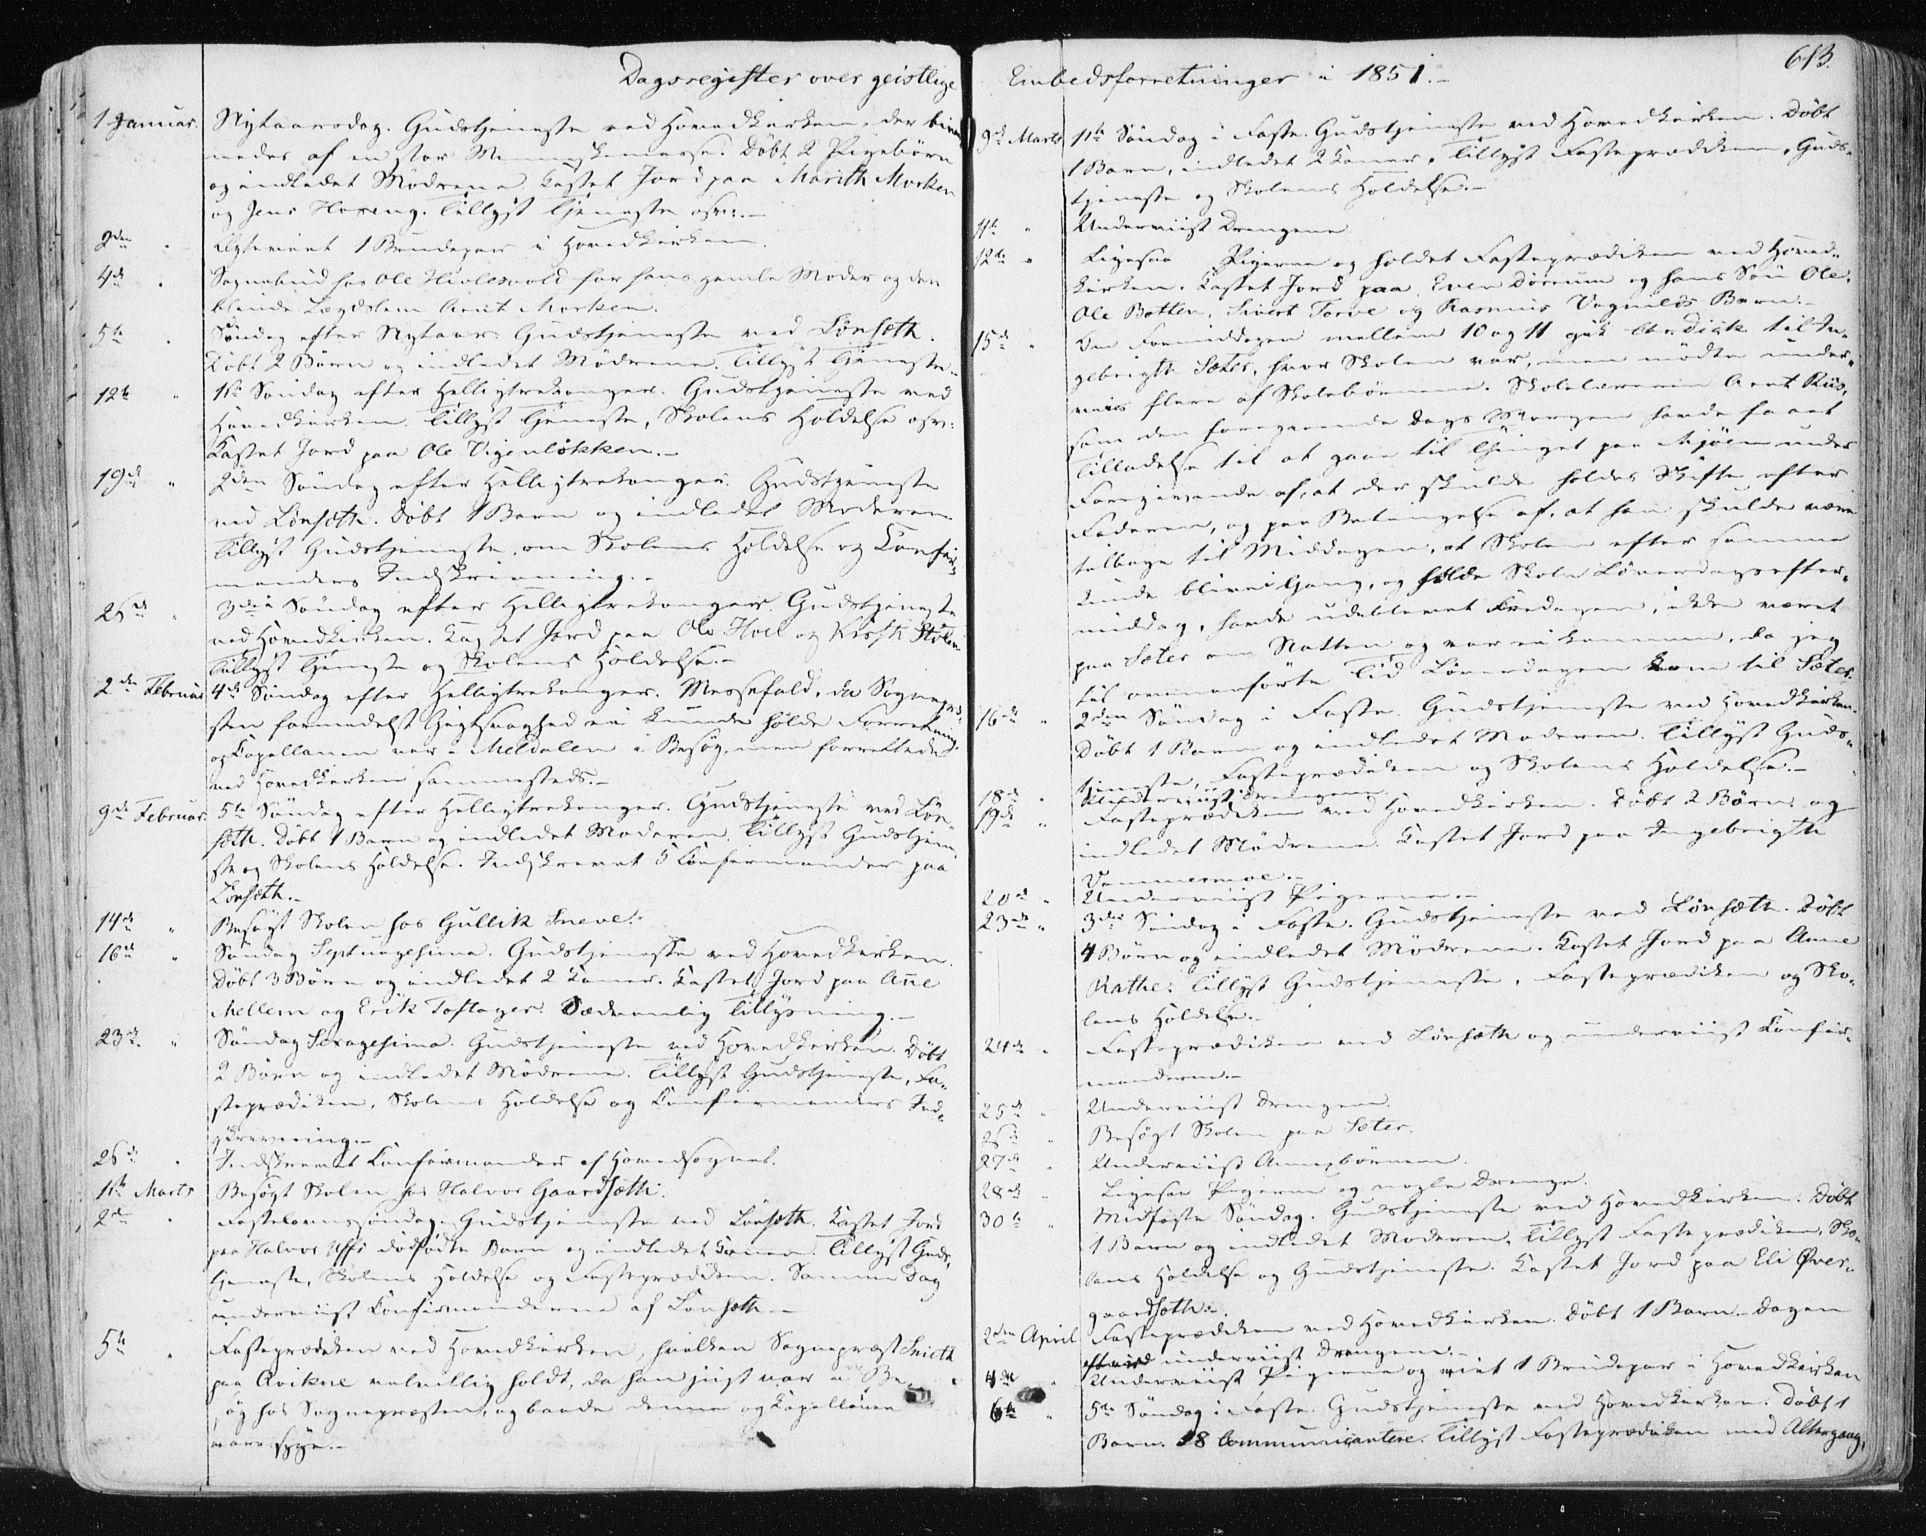 SAT, Ministerialprotokoller, klokkerbøker og fødselsregistre - Sør-Trøndelag, 678/L0899: Ministerialbok nr. 678A08, 1848-1872, s. 613